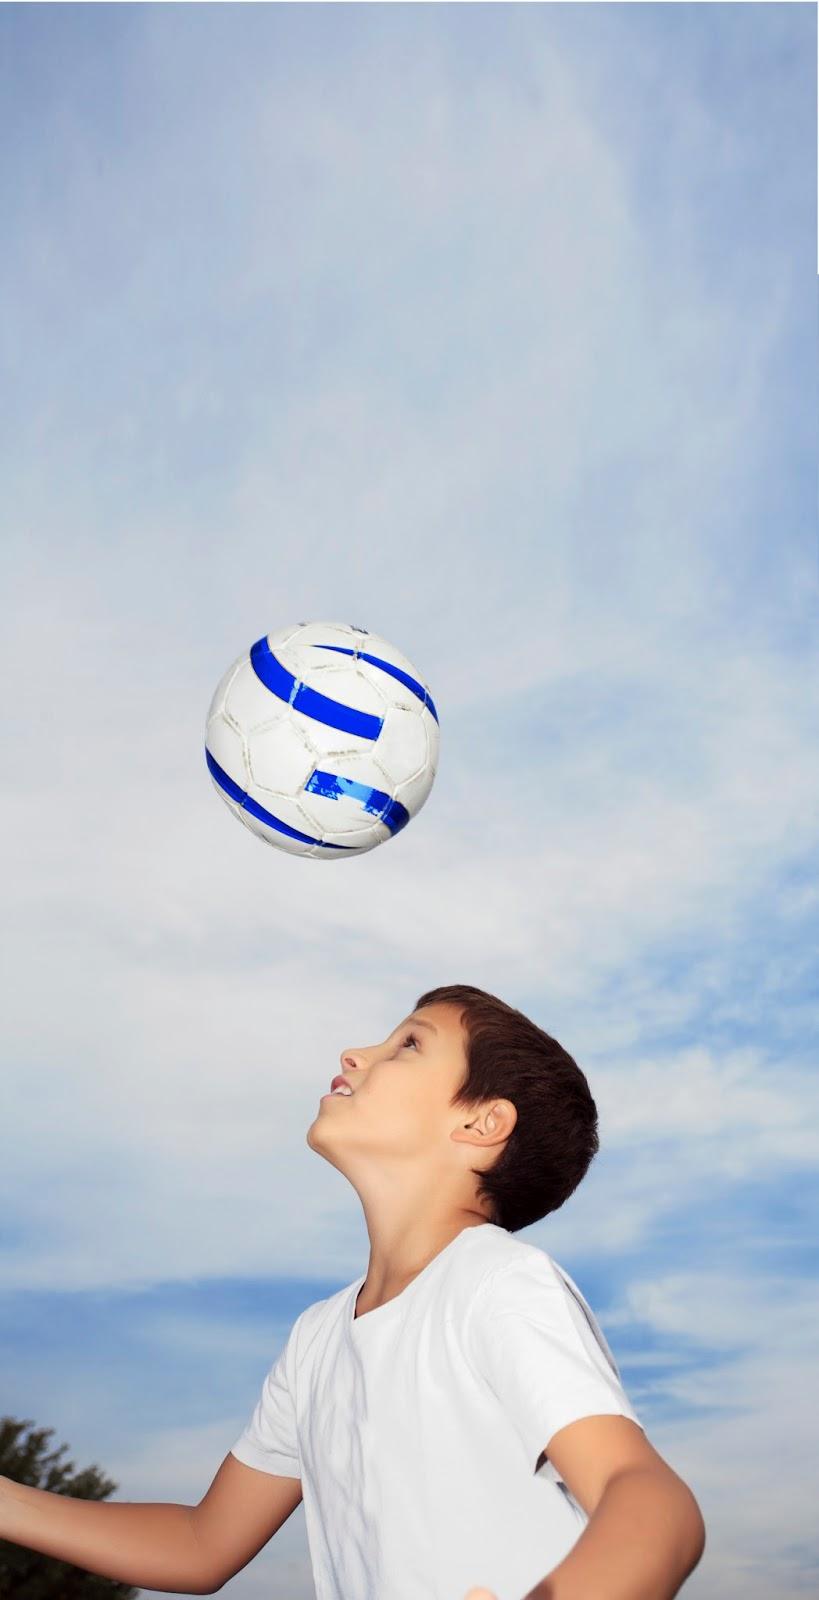 Fútbol  Rematar el balón con la cabeza puede causar lesiones cerebrales en  niños 563529e6fe98d